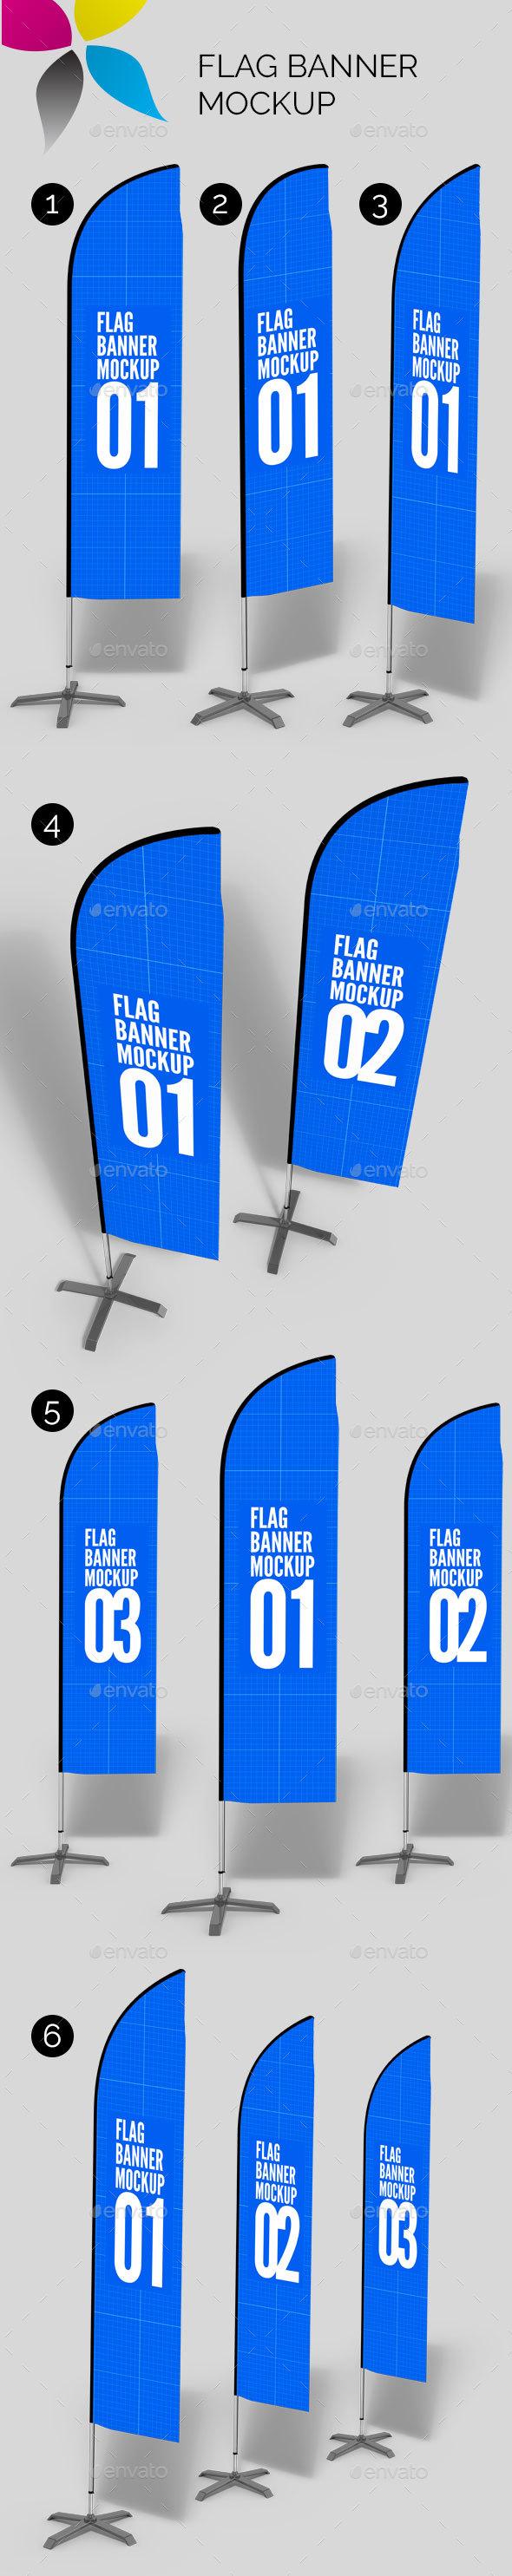 Flag Banner Mockup - Signage Print